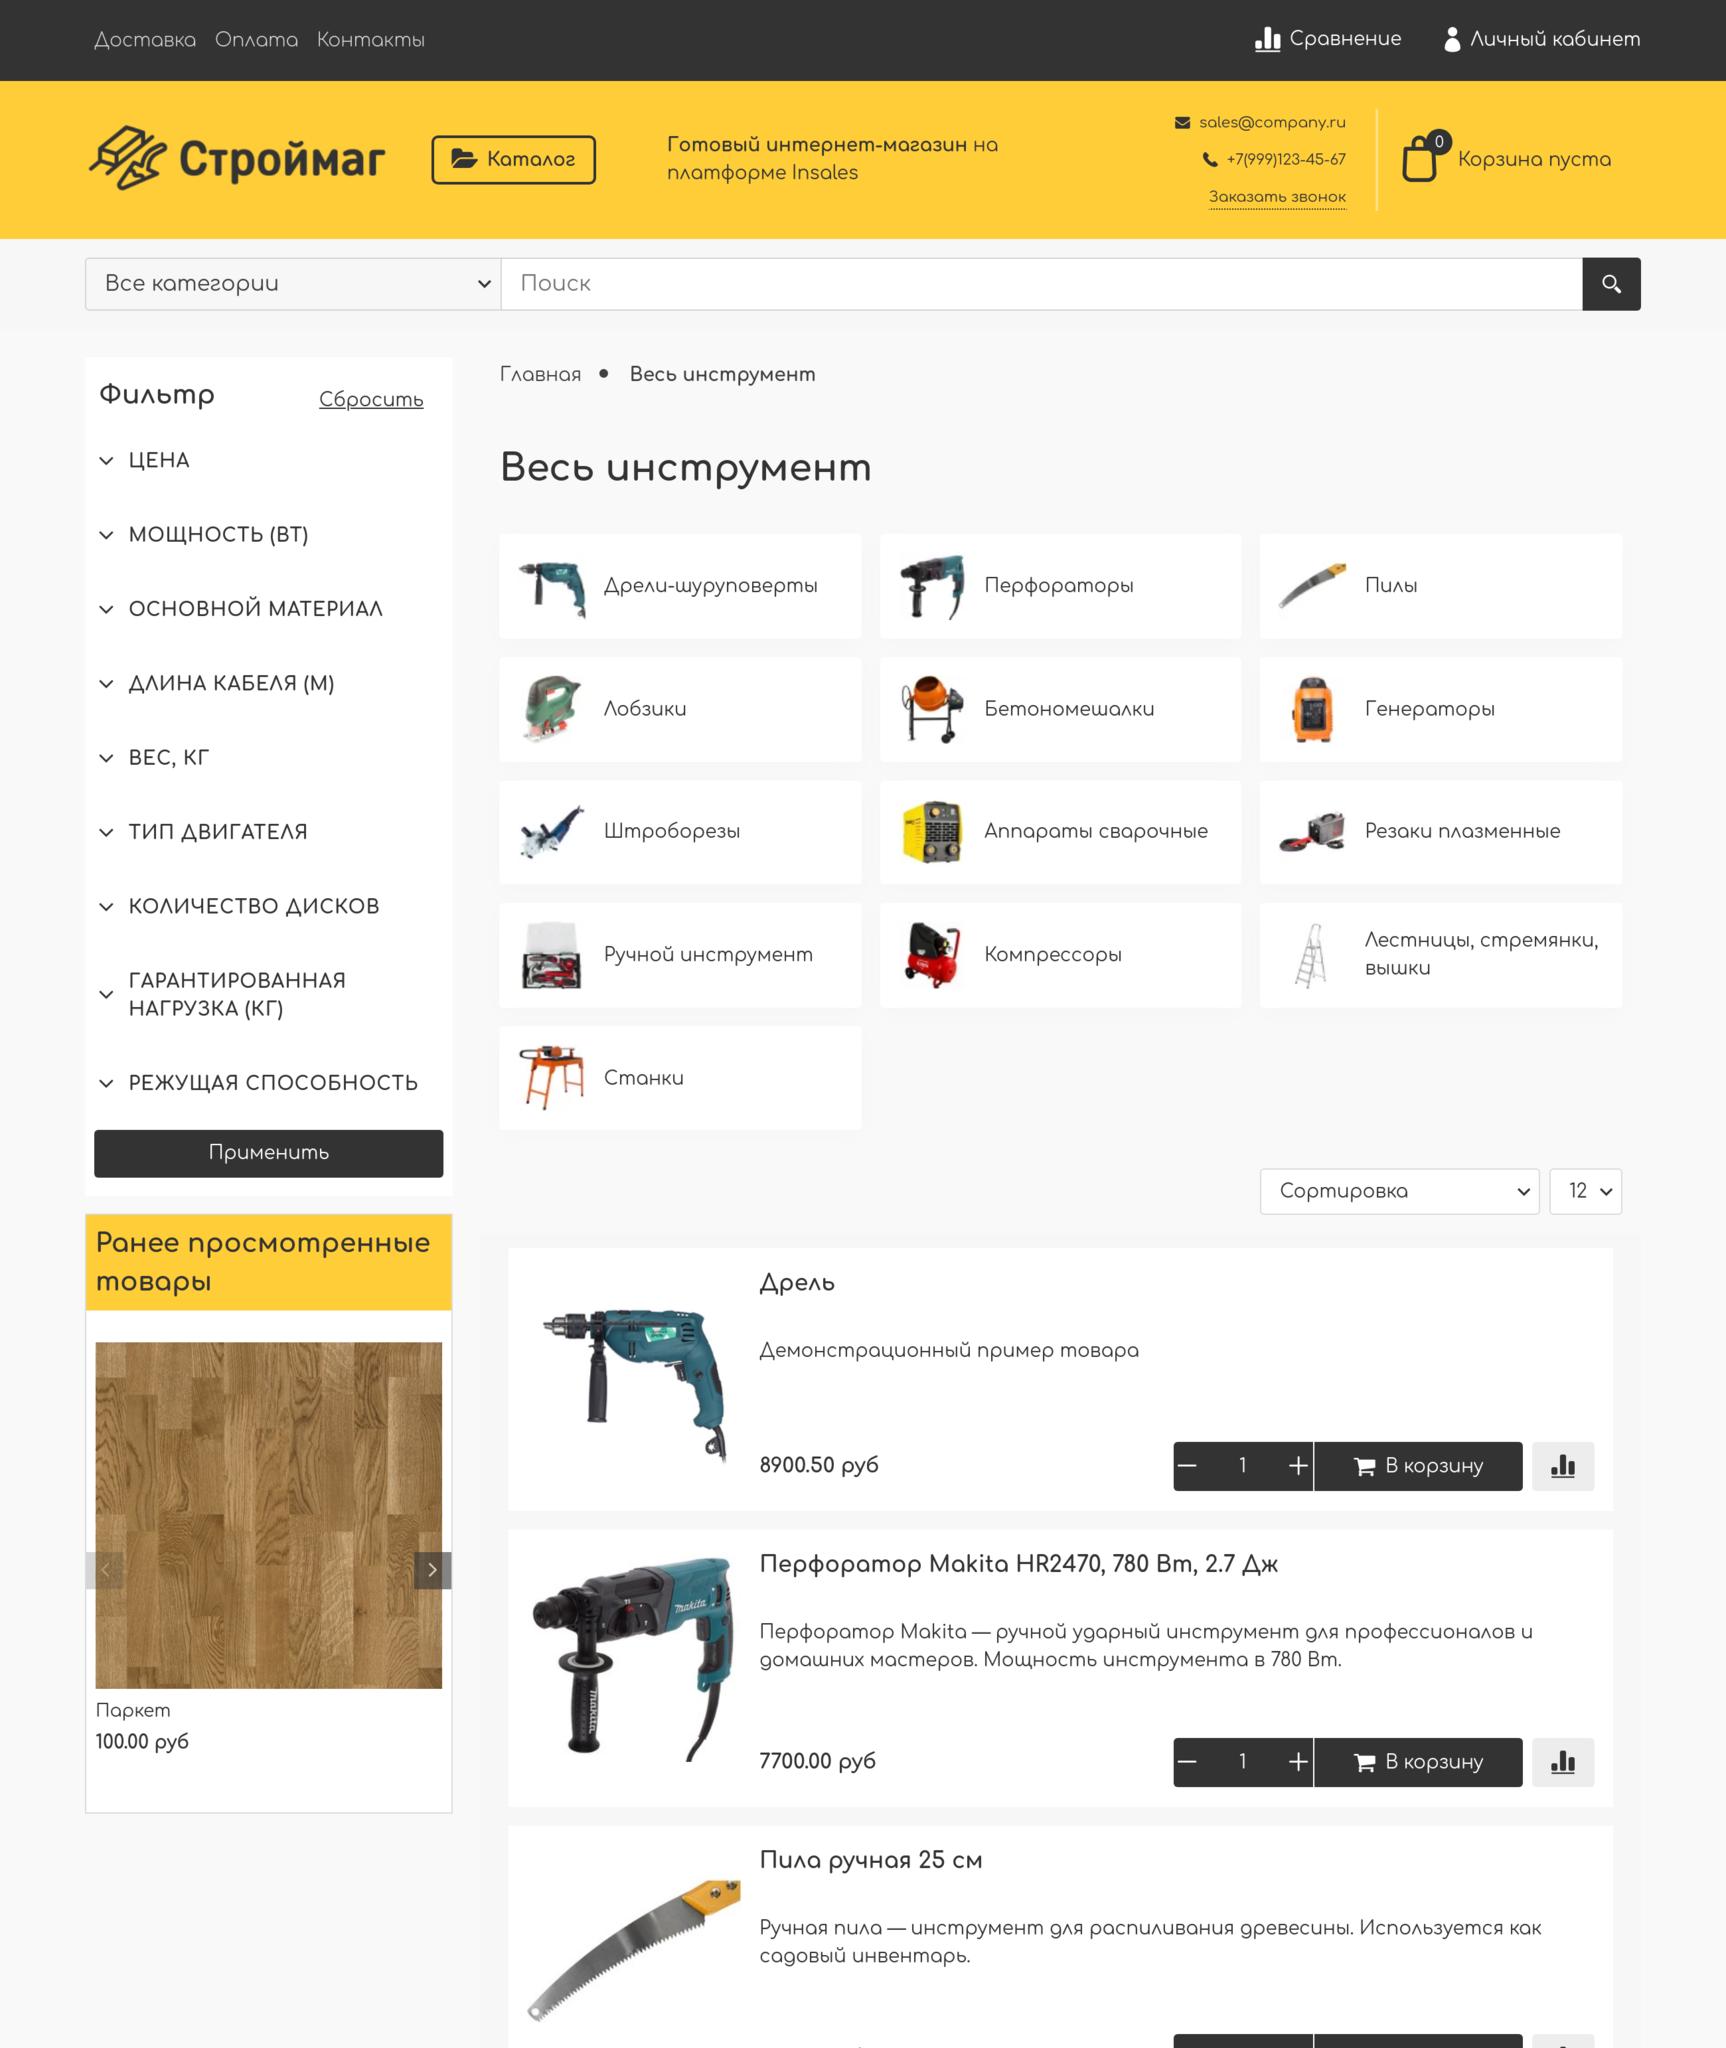 Шаблон интернет магазина - Строймаг